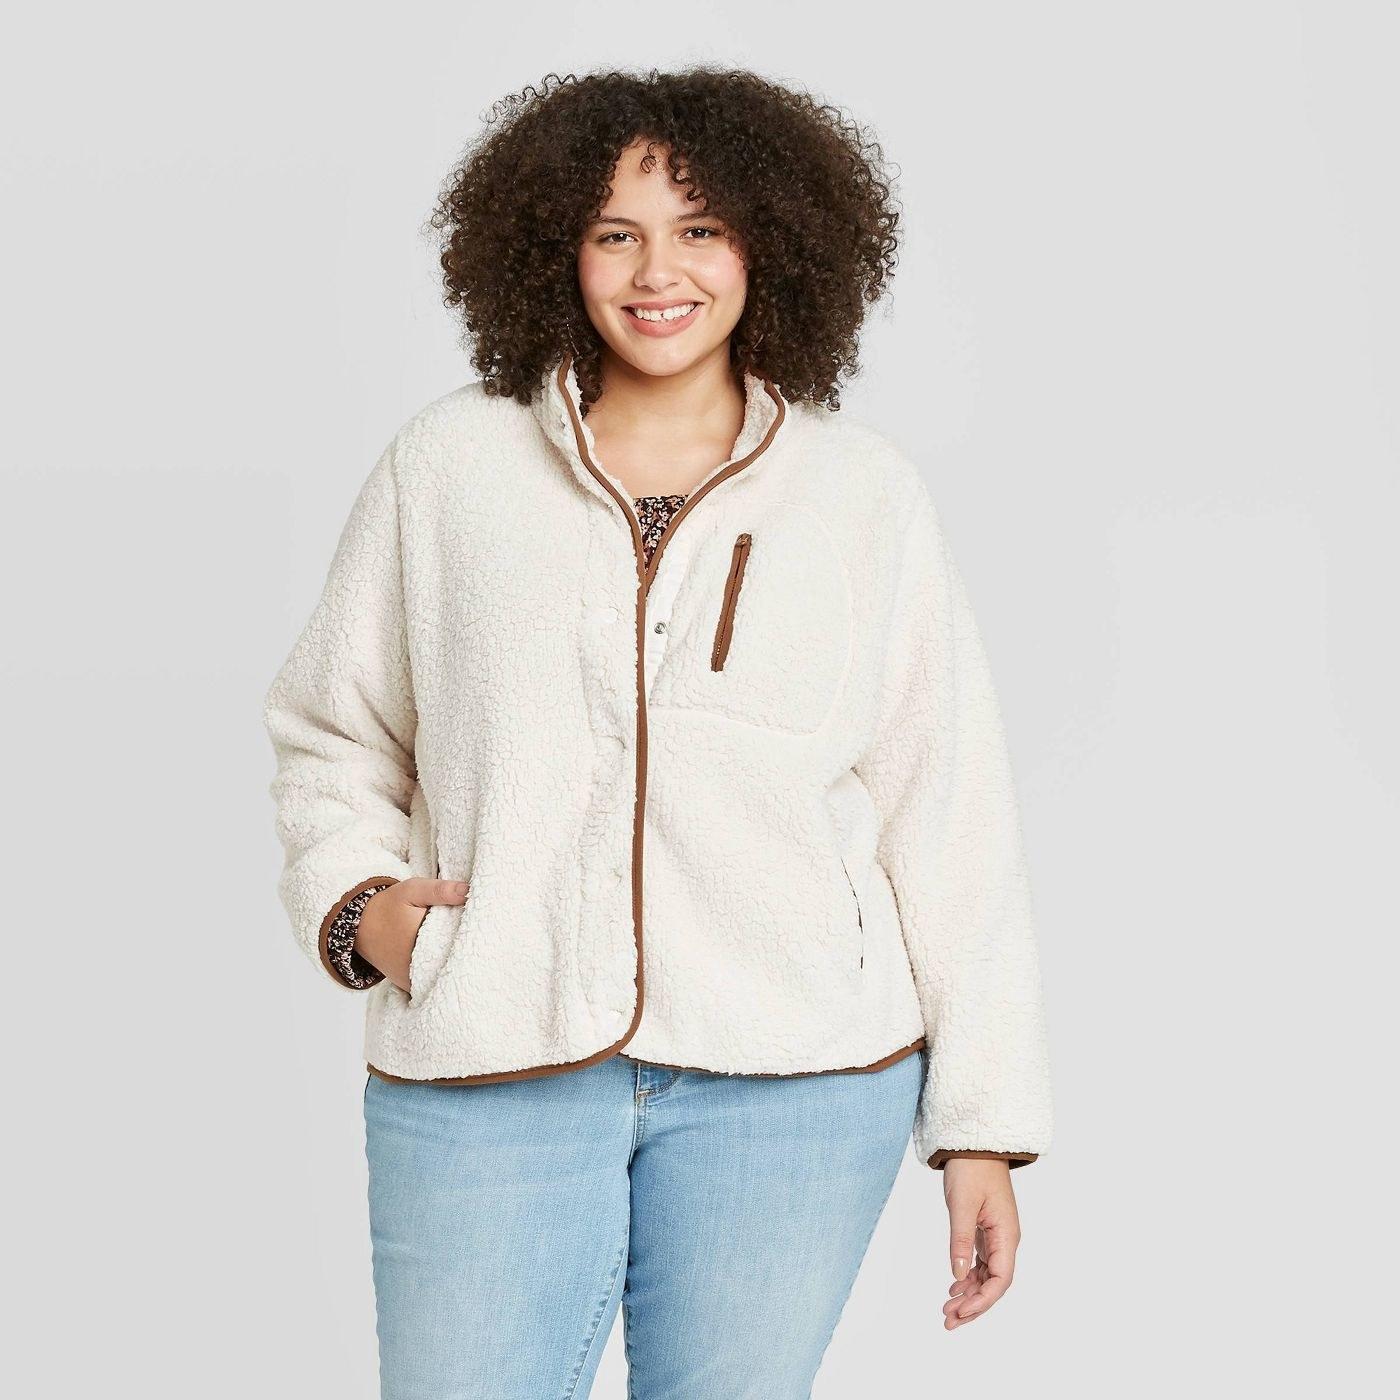 model in high-neck sherpa jacket